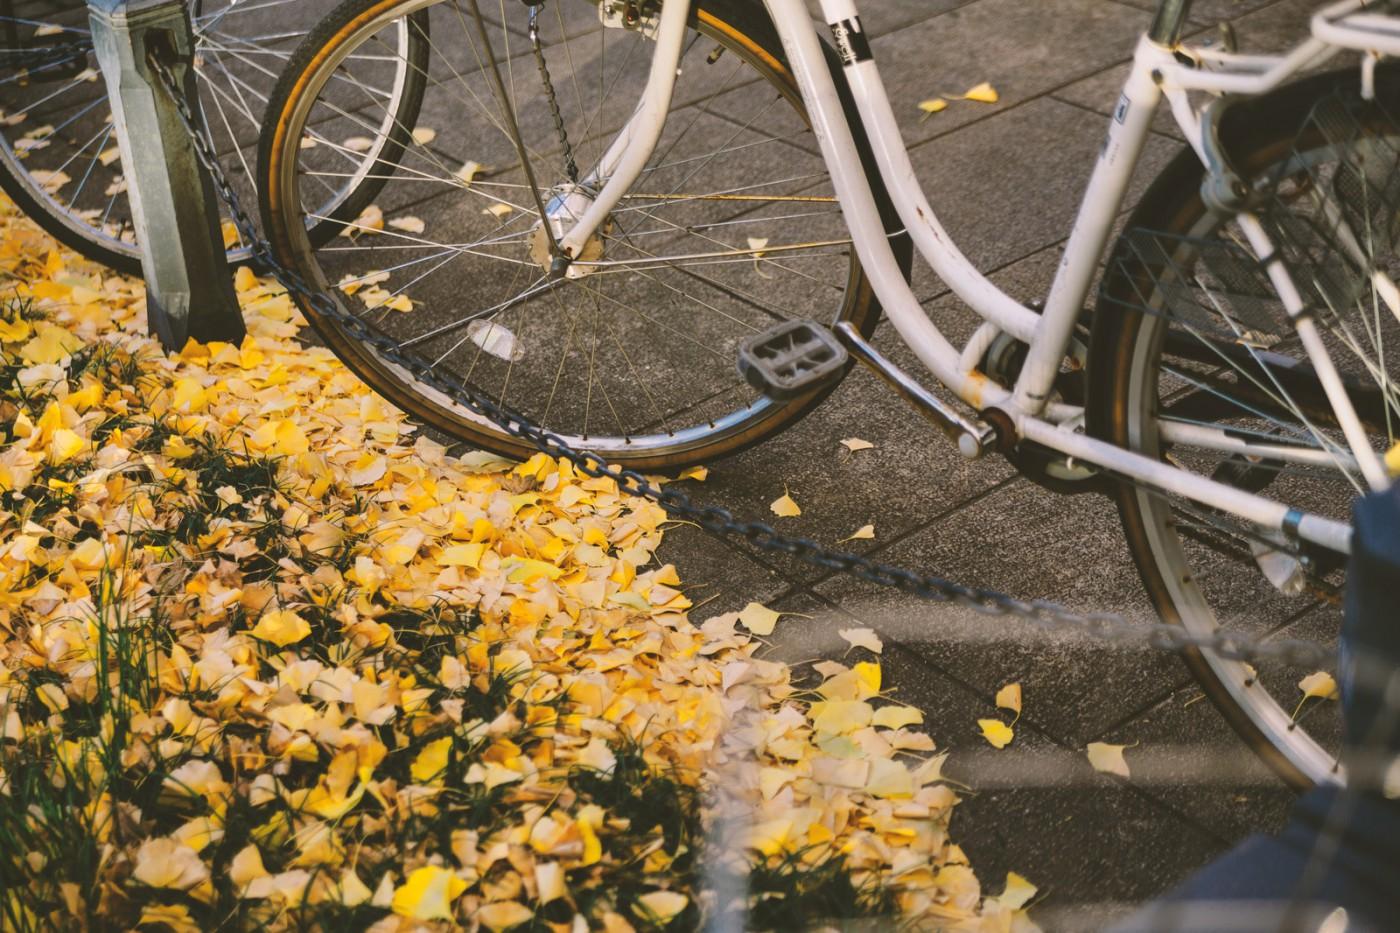 マンションの駐輪場問題でお悩みの方必見!分譲マンション自転車問題の解決方法②